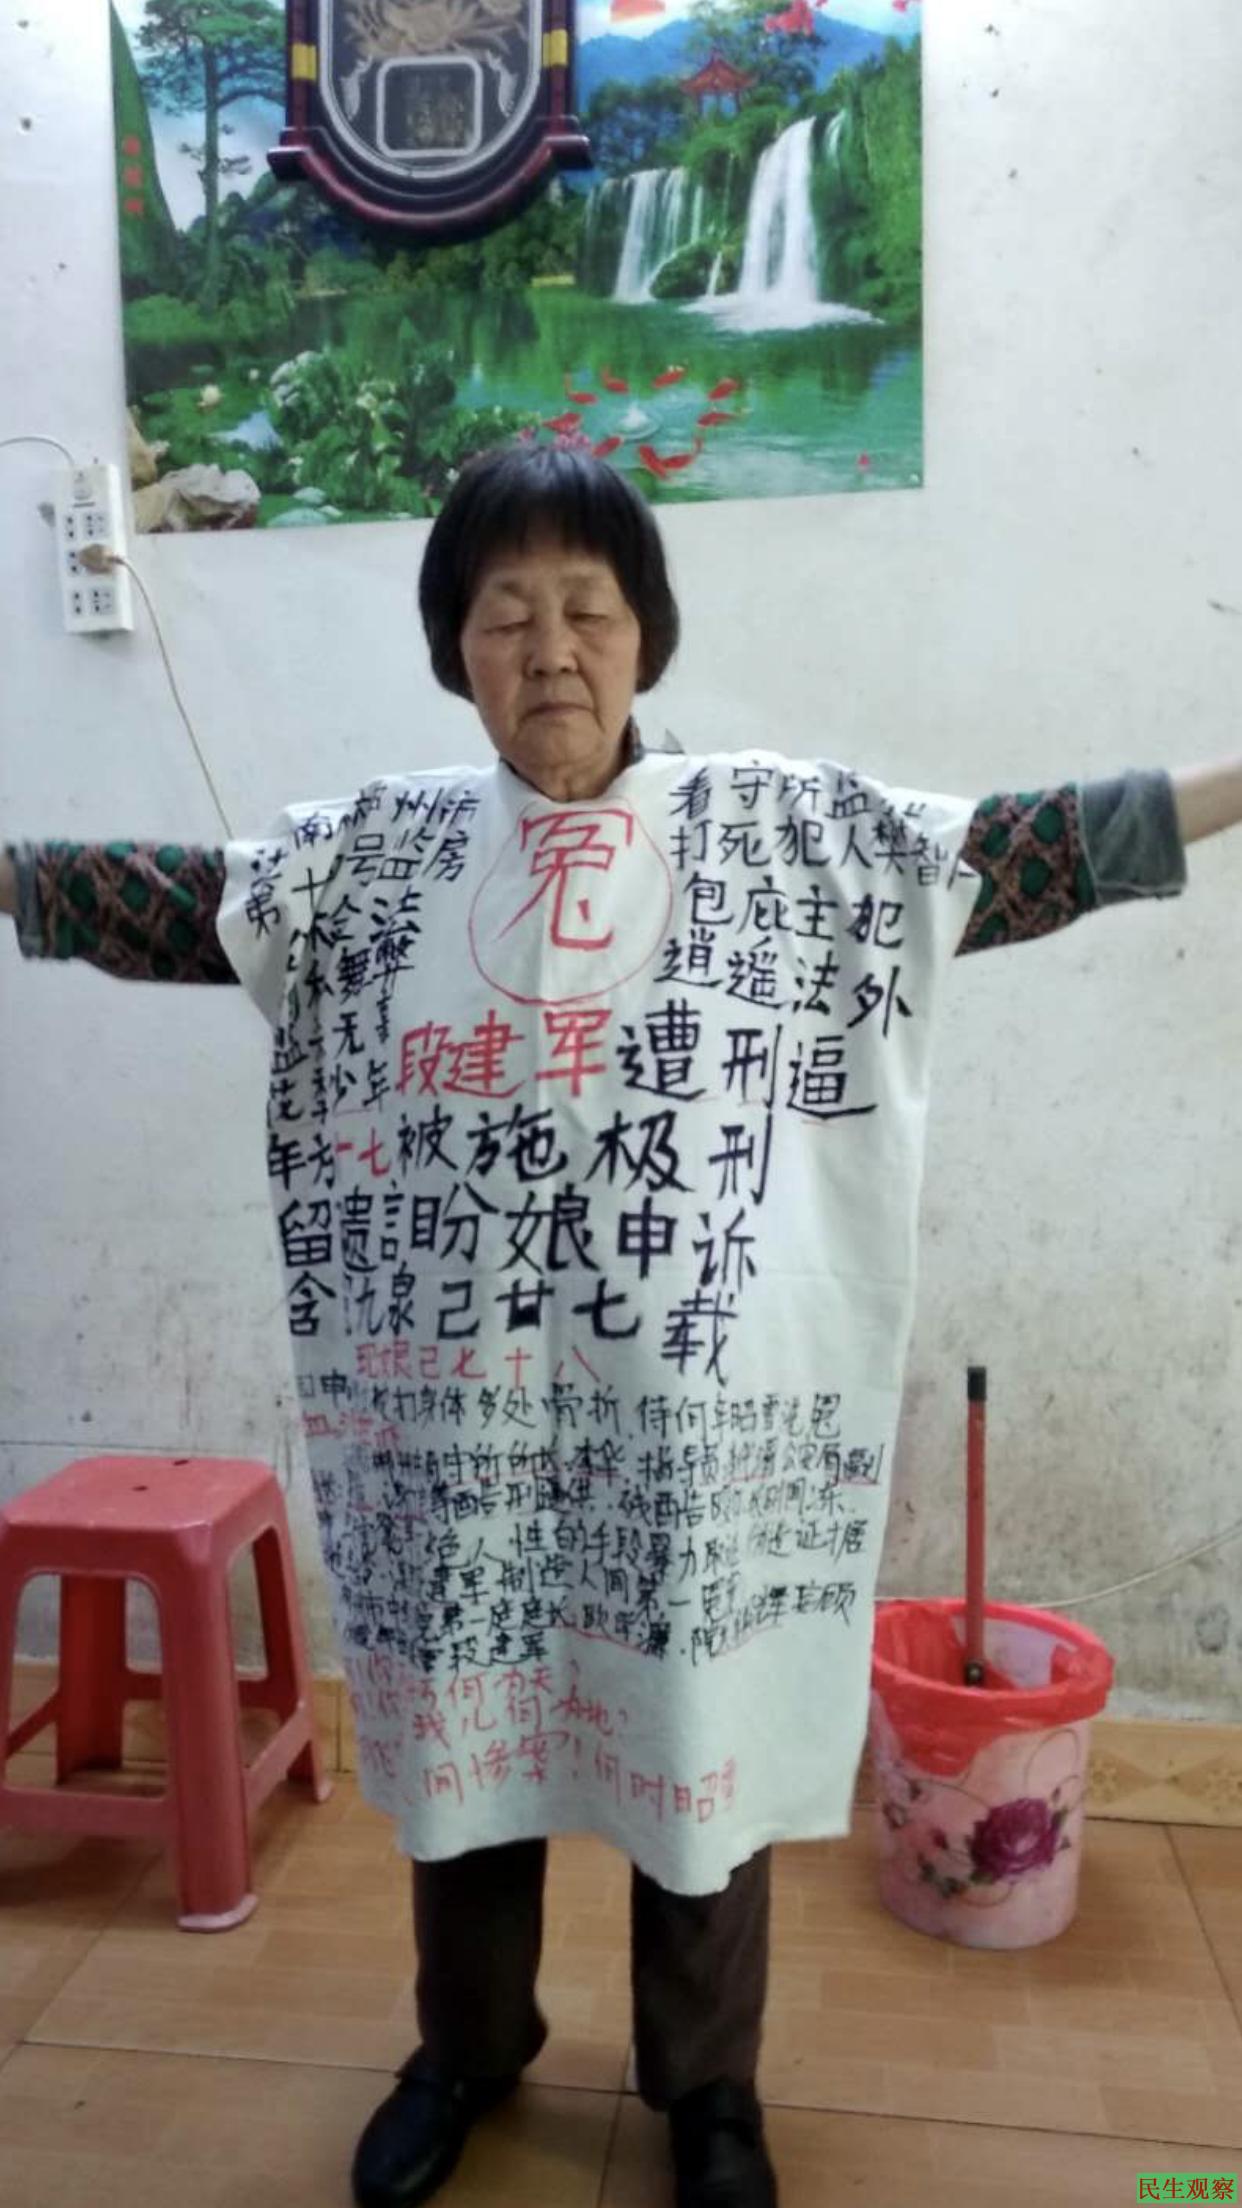 湖南陈碧香被关精神病院稳控